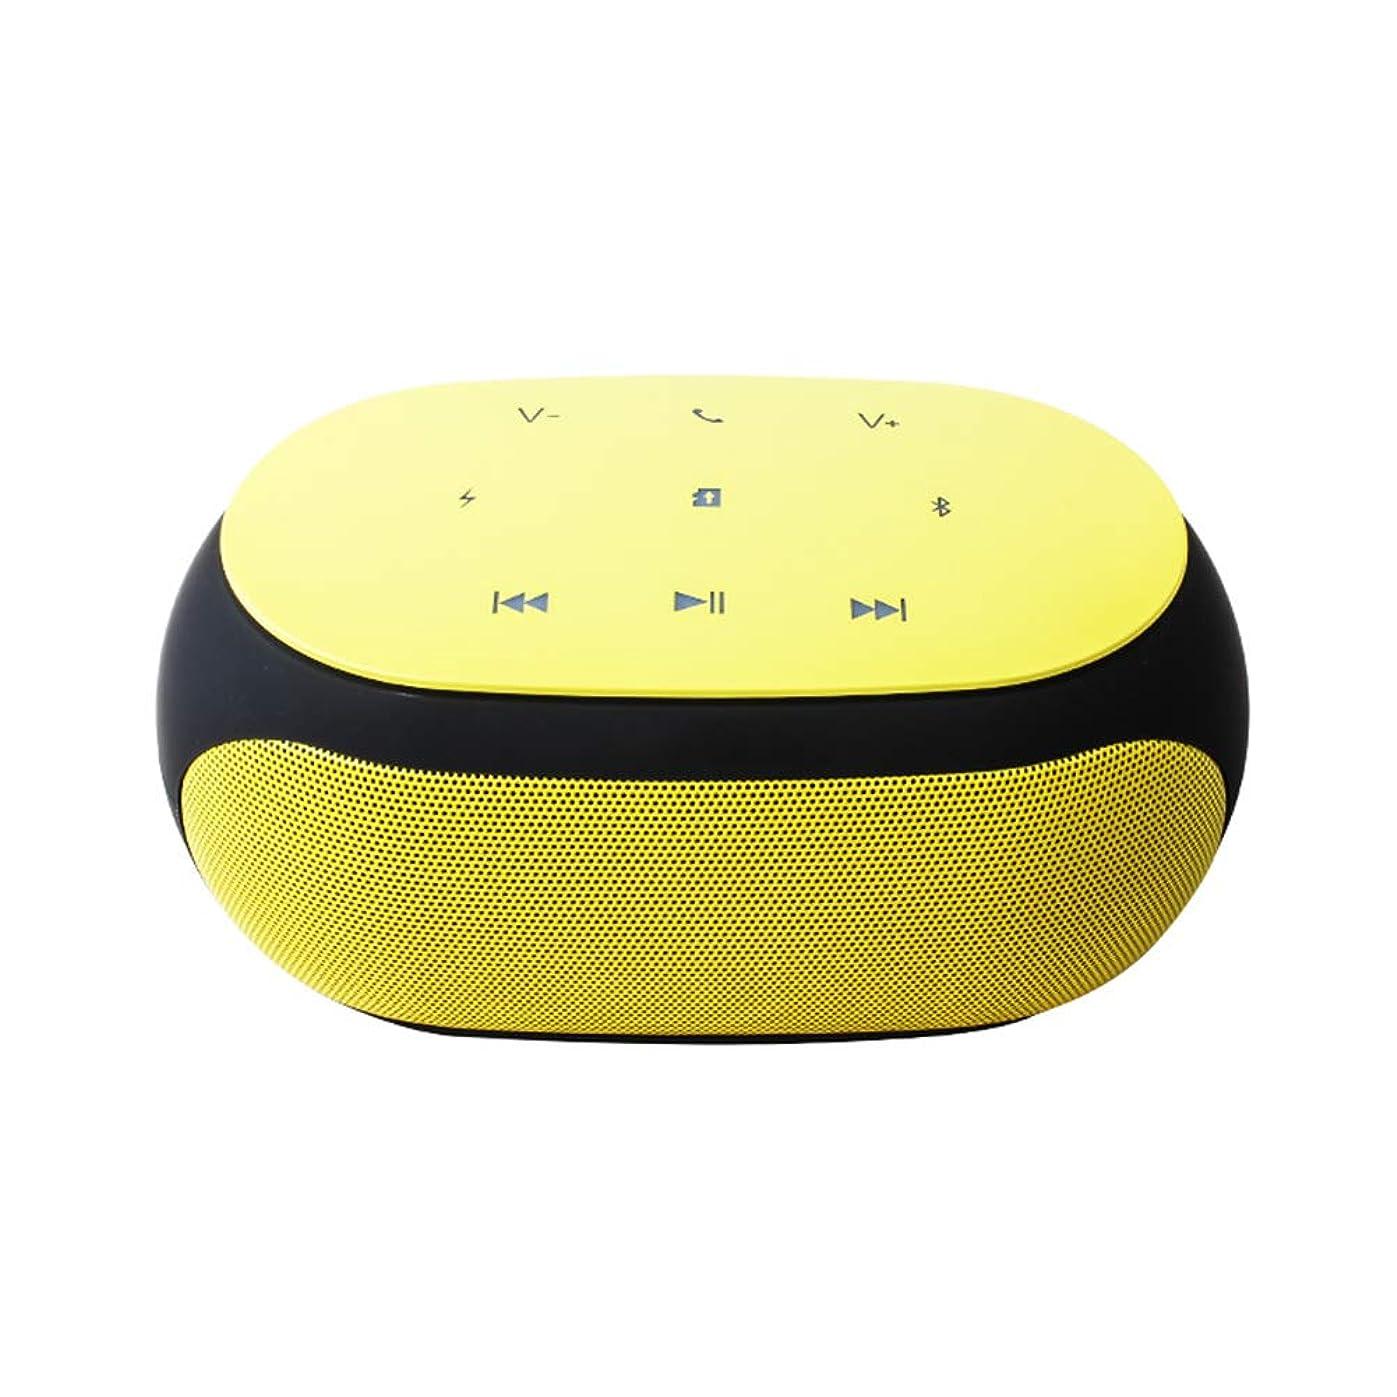 言い直すストレス説明的ブルートゥース V 3.0 スピーカーミニワイヤレスサブウーファー内蔵マイク HD 音質8時間再生時間10メートルブルートゥース距離サポート TF カード AUX 入力,Yellow